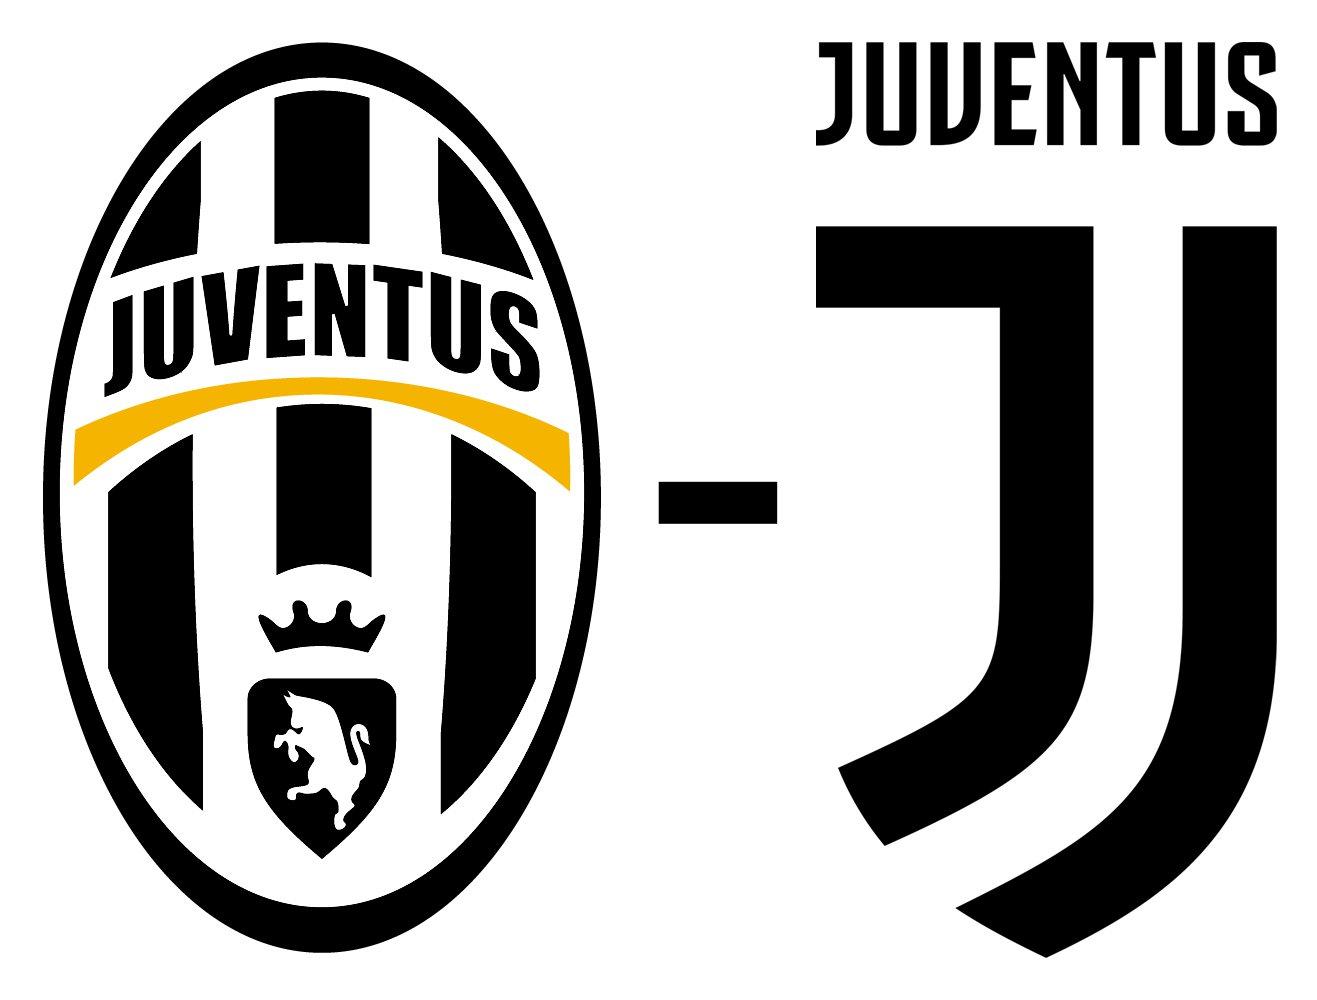 Meaning Juventus logo and symbol.